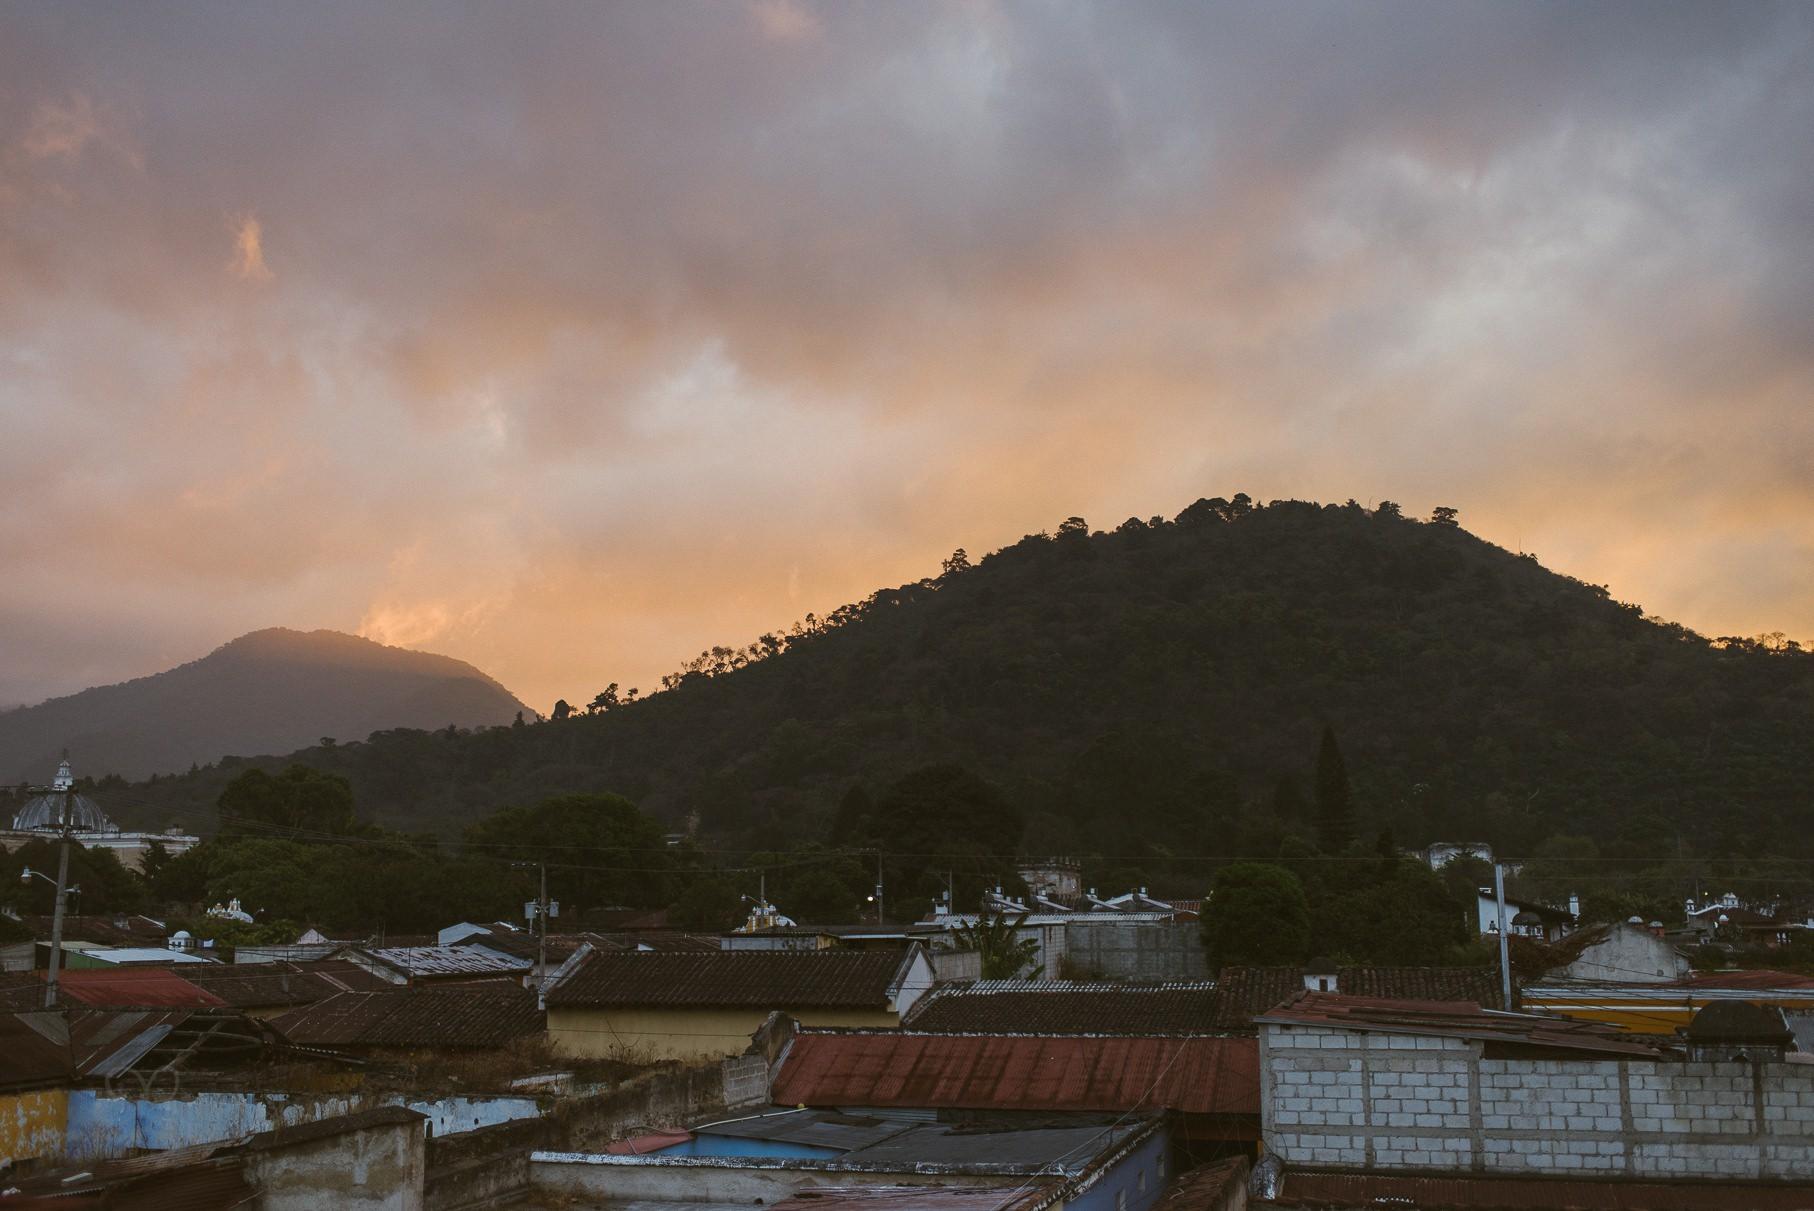 0019 anne und bjoern guatemala 811 2535 - 4 Wochen durch Guatemala - backpacking durch Mittelamerika